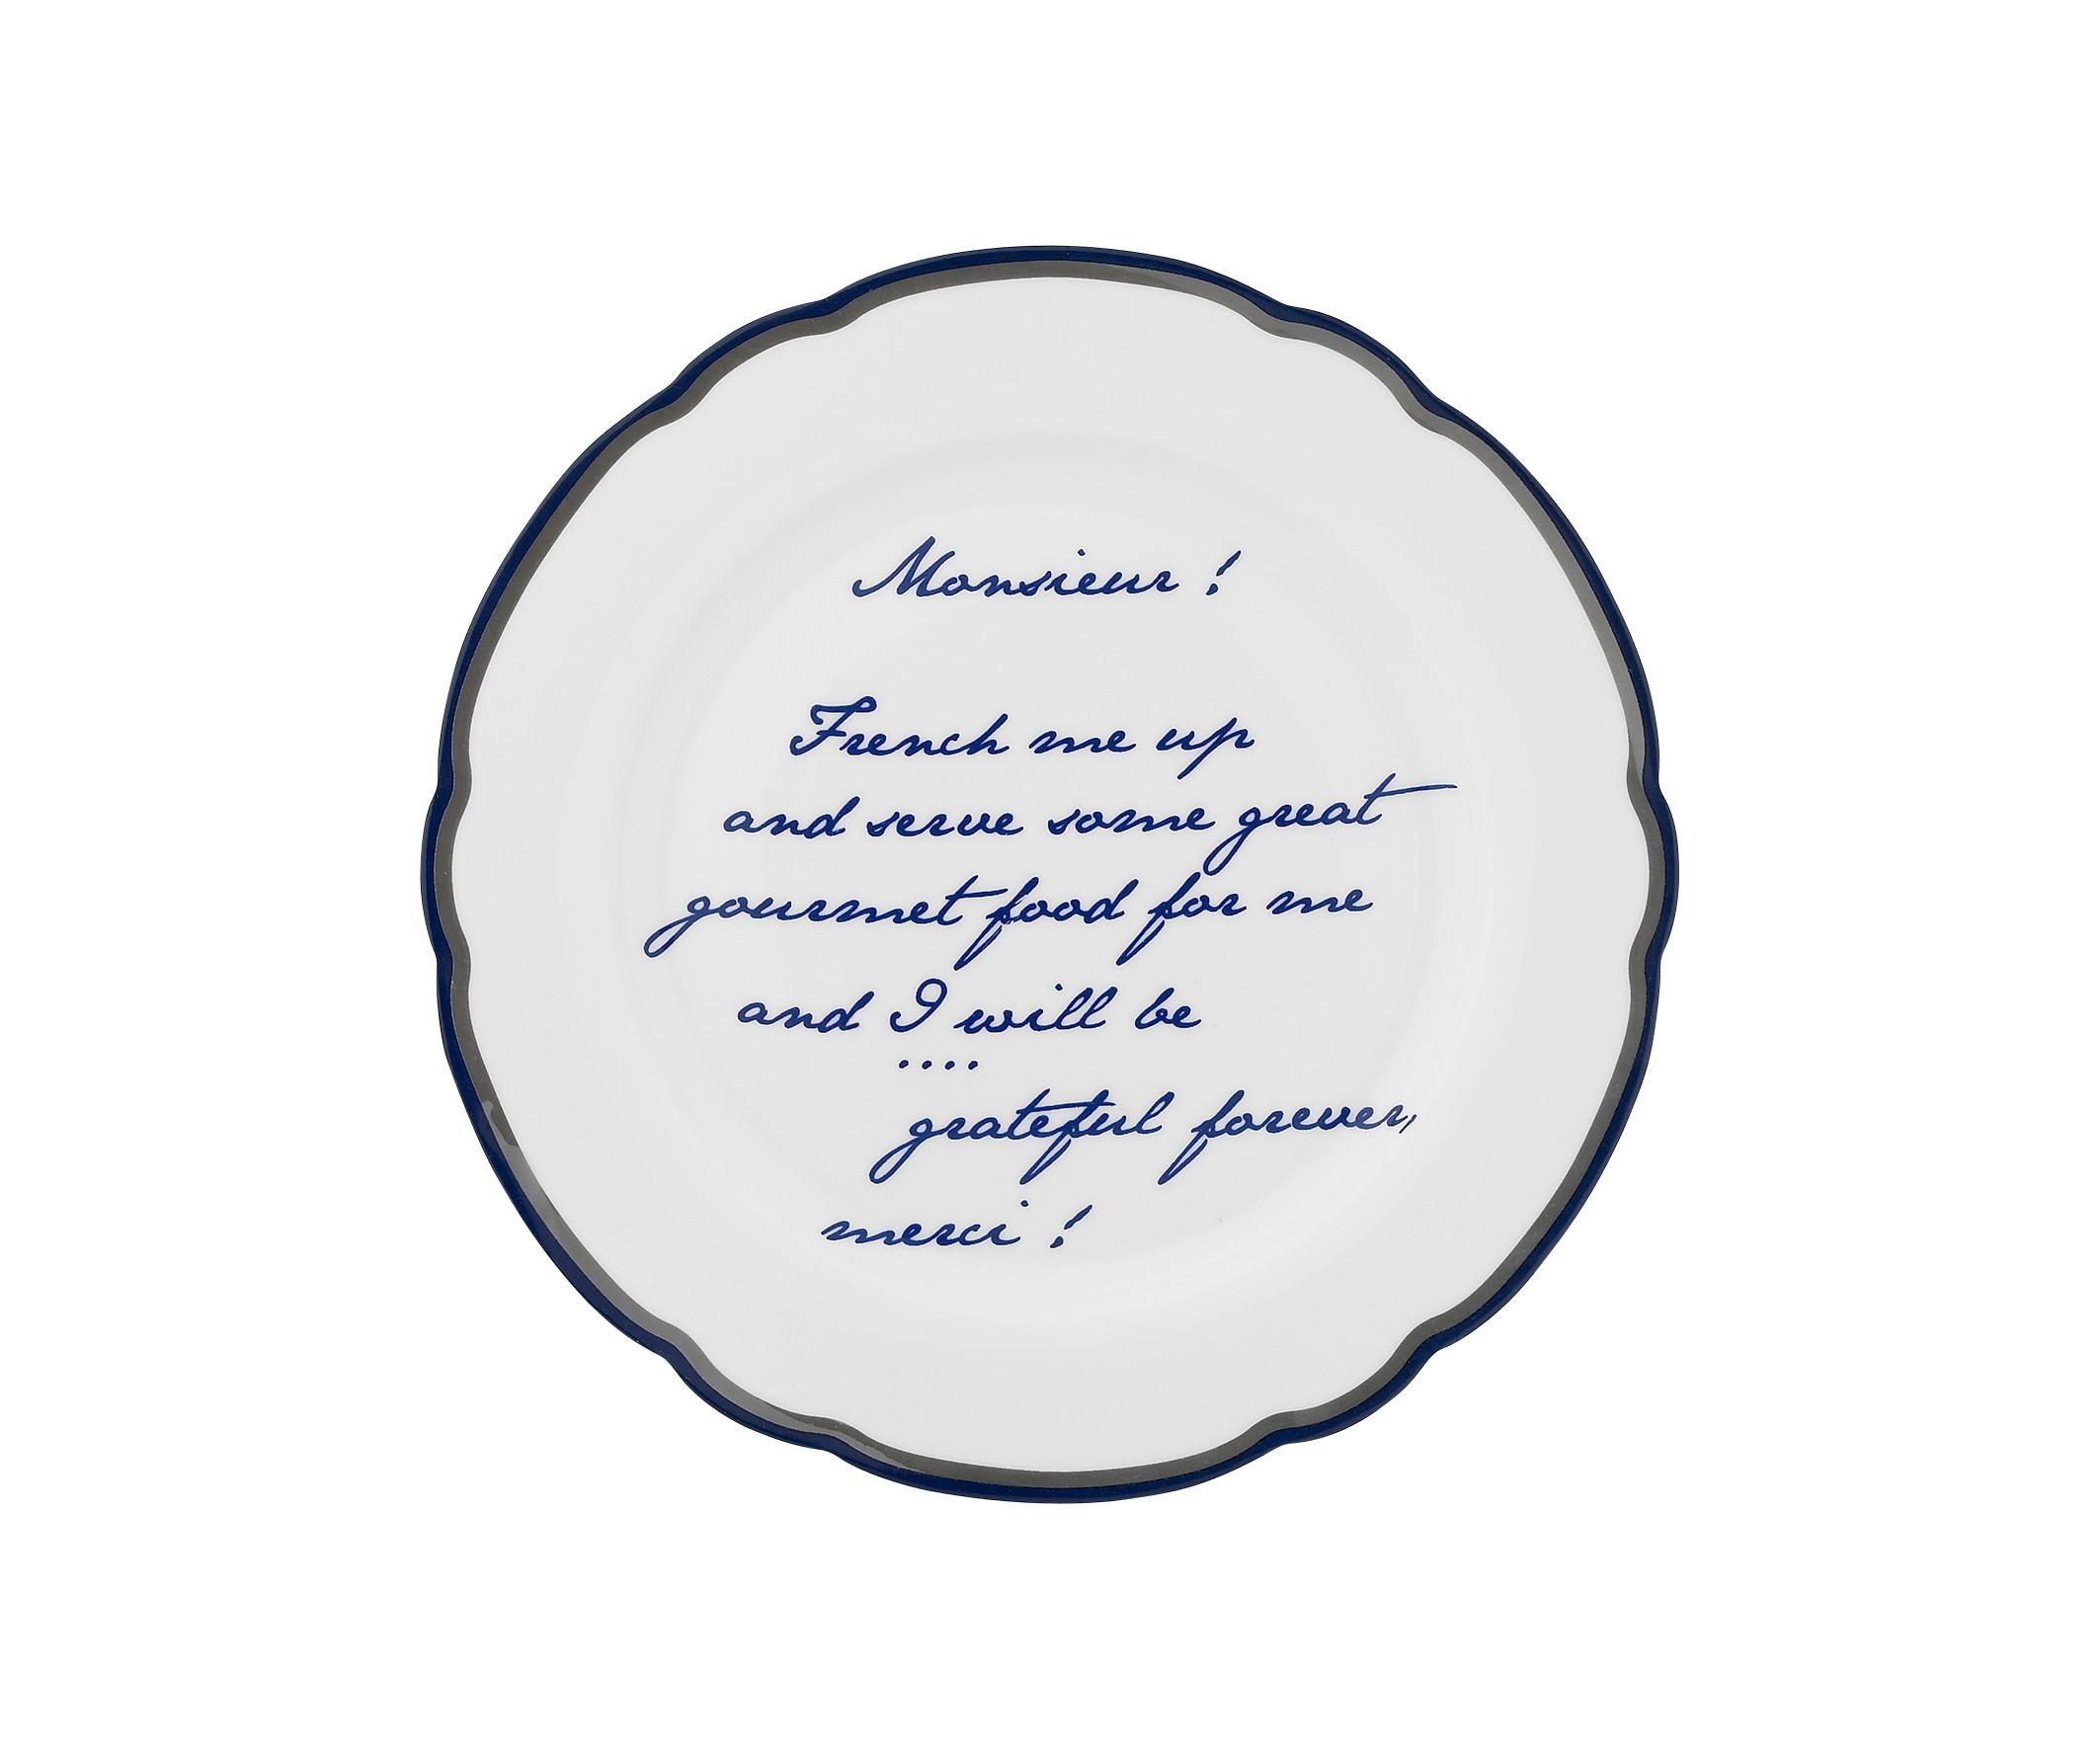 Набор из четырех тарелок CopenhagenТарелки<br>Набор из четырех фарфоровых тарелок &amp;quot;Copenhagen&amp;quot; с надписями.<br><br>Material: Фарфор<br>Height см: 2<br>Diameter см: 19